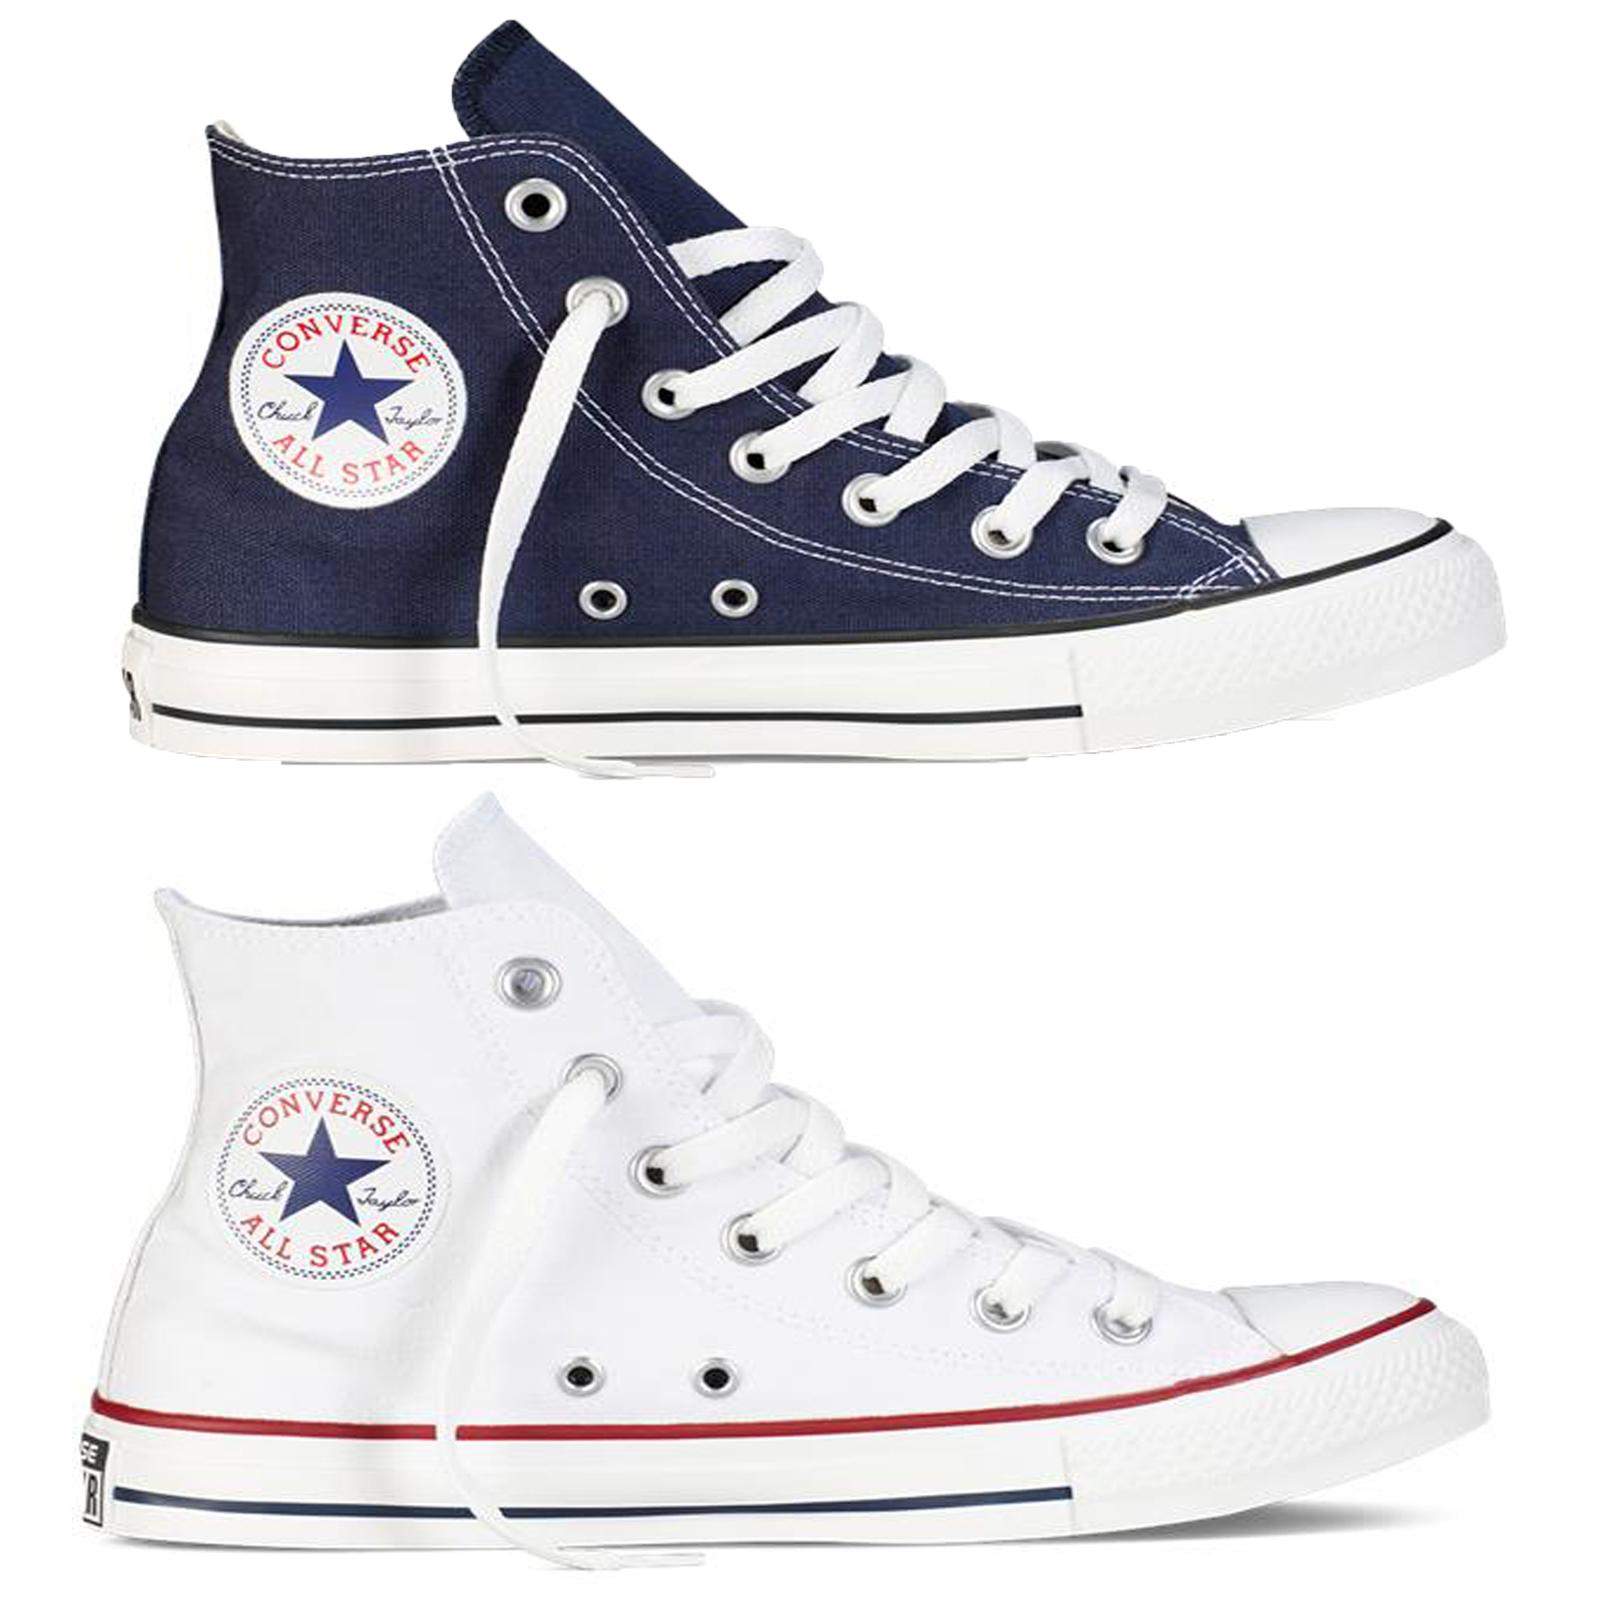 Converse All Star Hi Top Adulti Scarpe Da Ginnastica Alla Caviglia Scarpe Da Ginnastica Unisex iconica di marca